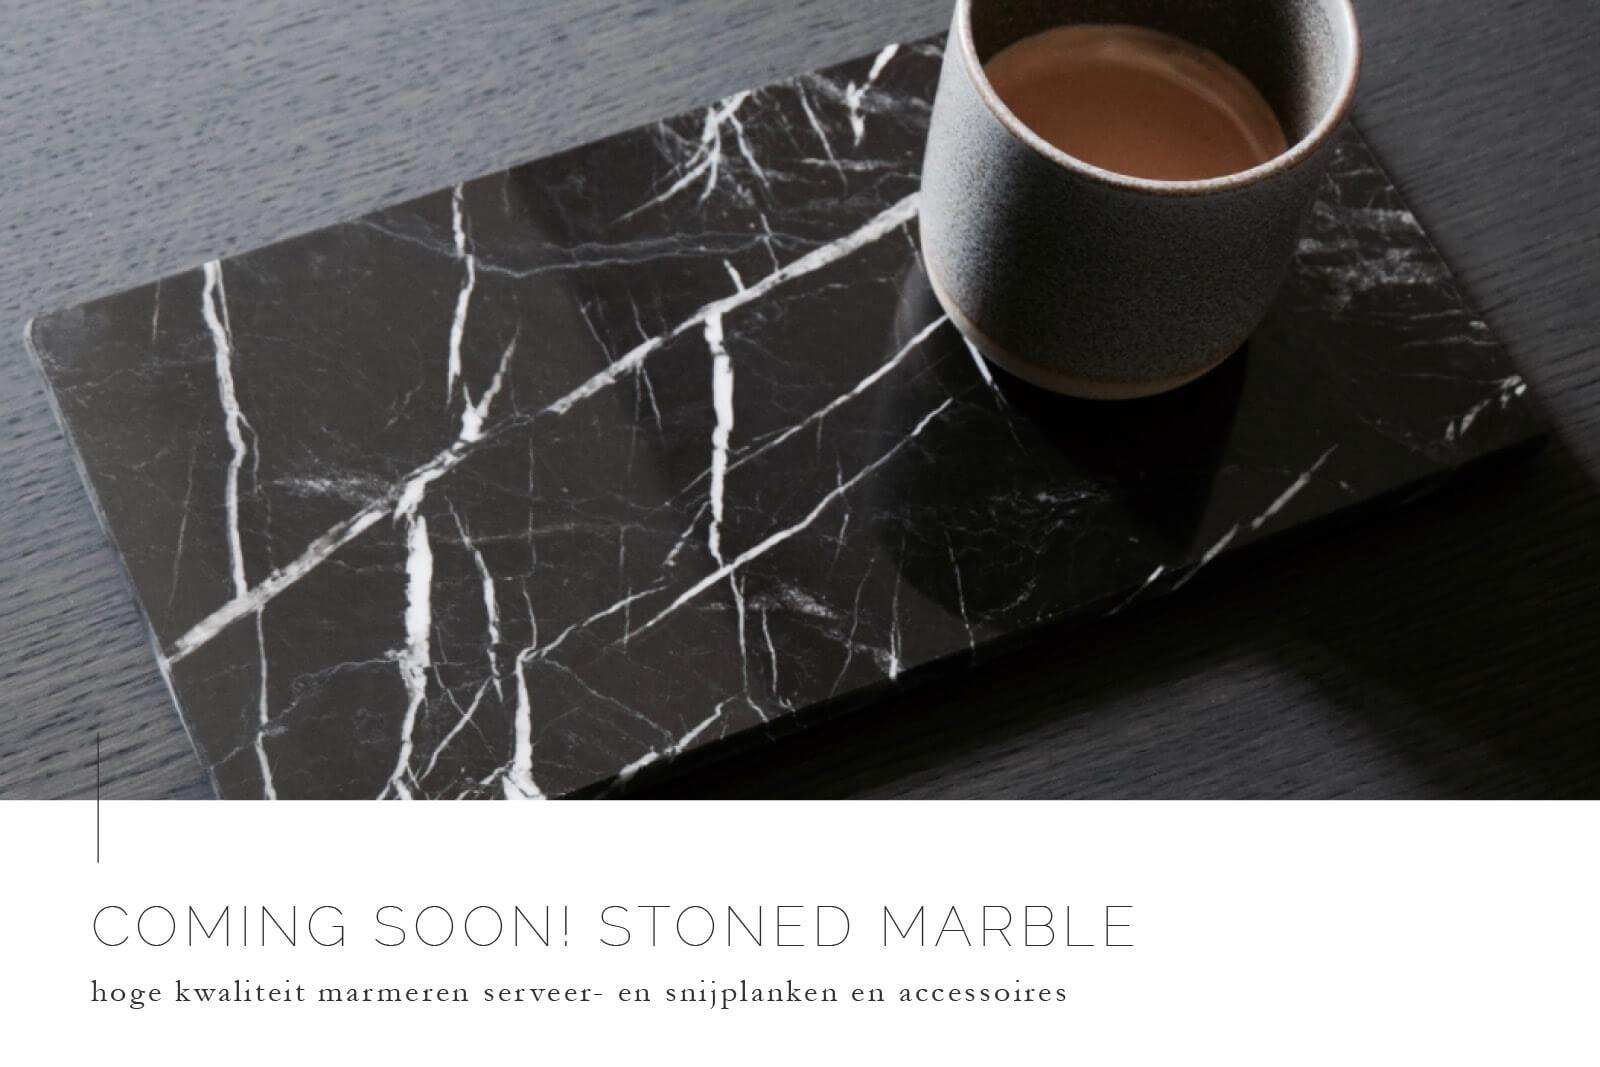 TWENTYTWONOTES Marmeren snijplanken STONED Marble